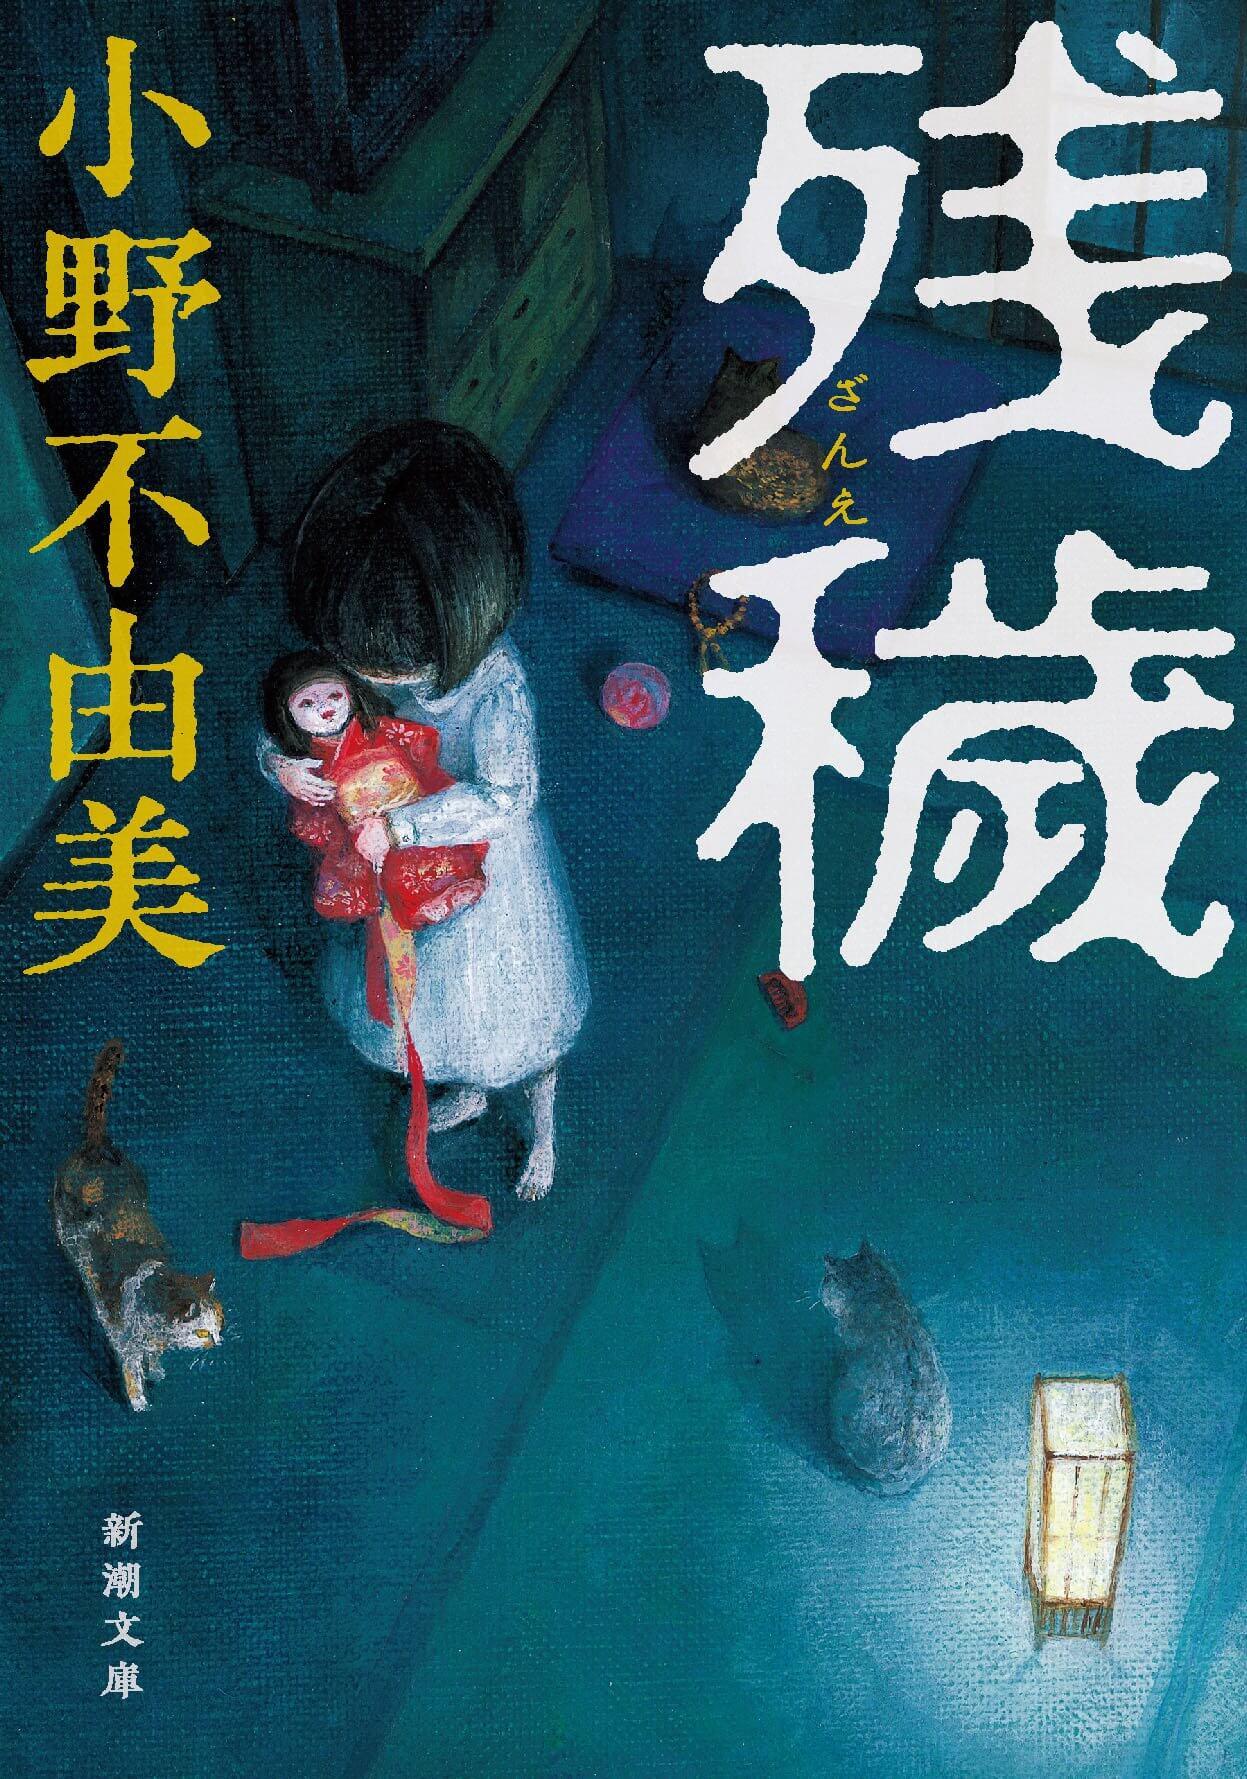 日本の名作ホラー小説おすすめランキングベスト10!